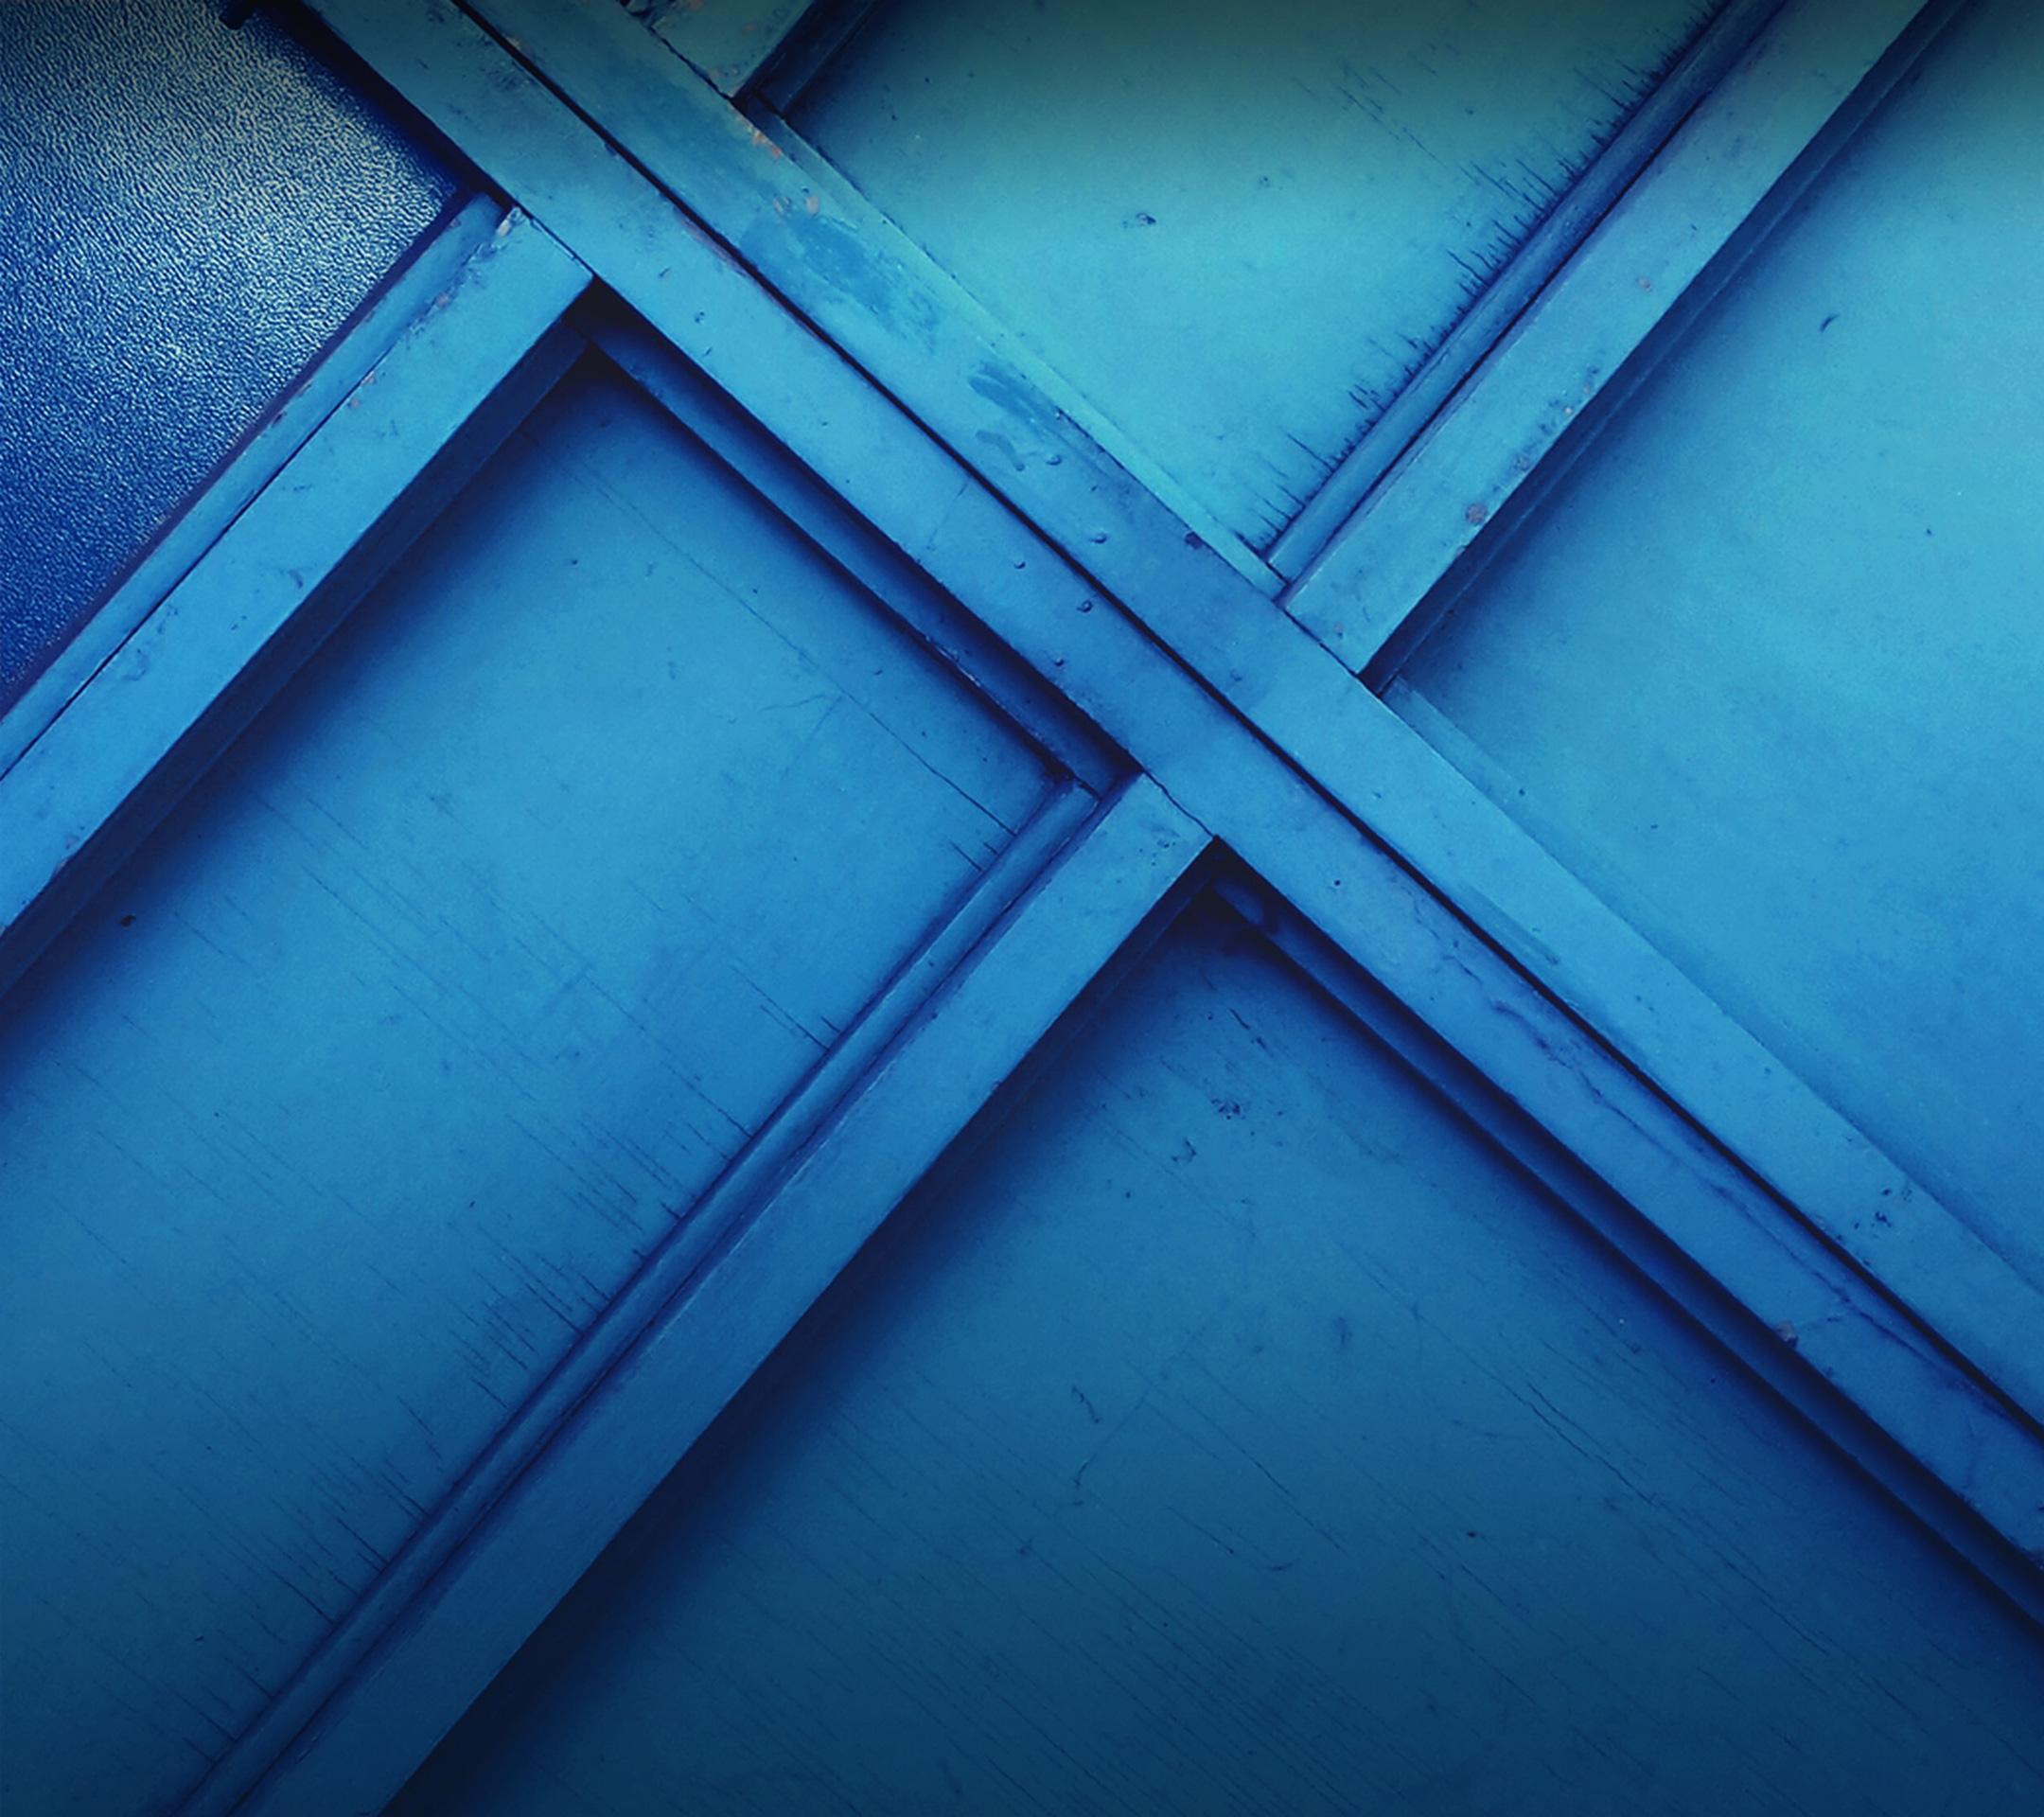 wallpaper_lynx_003_turquoise.jpg